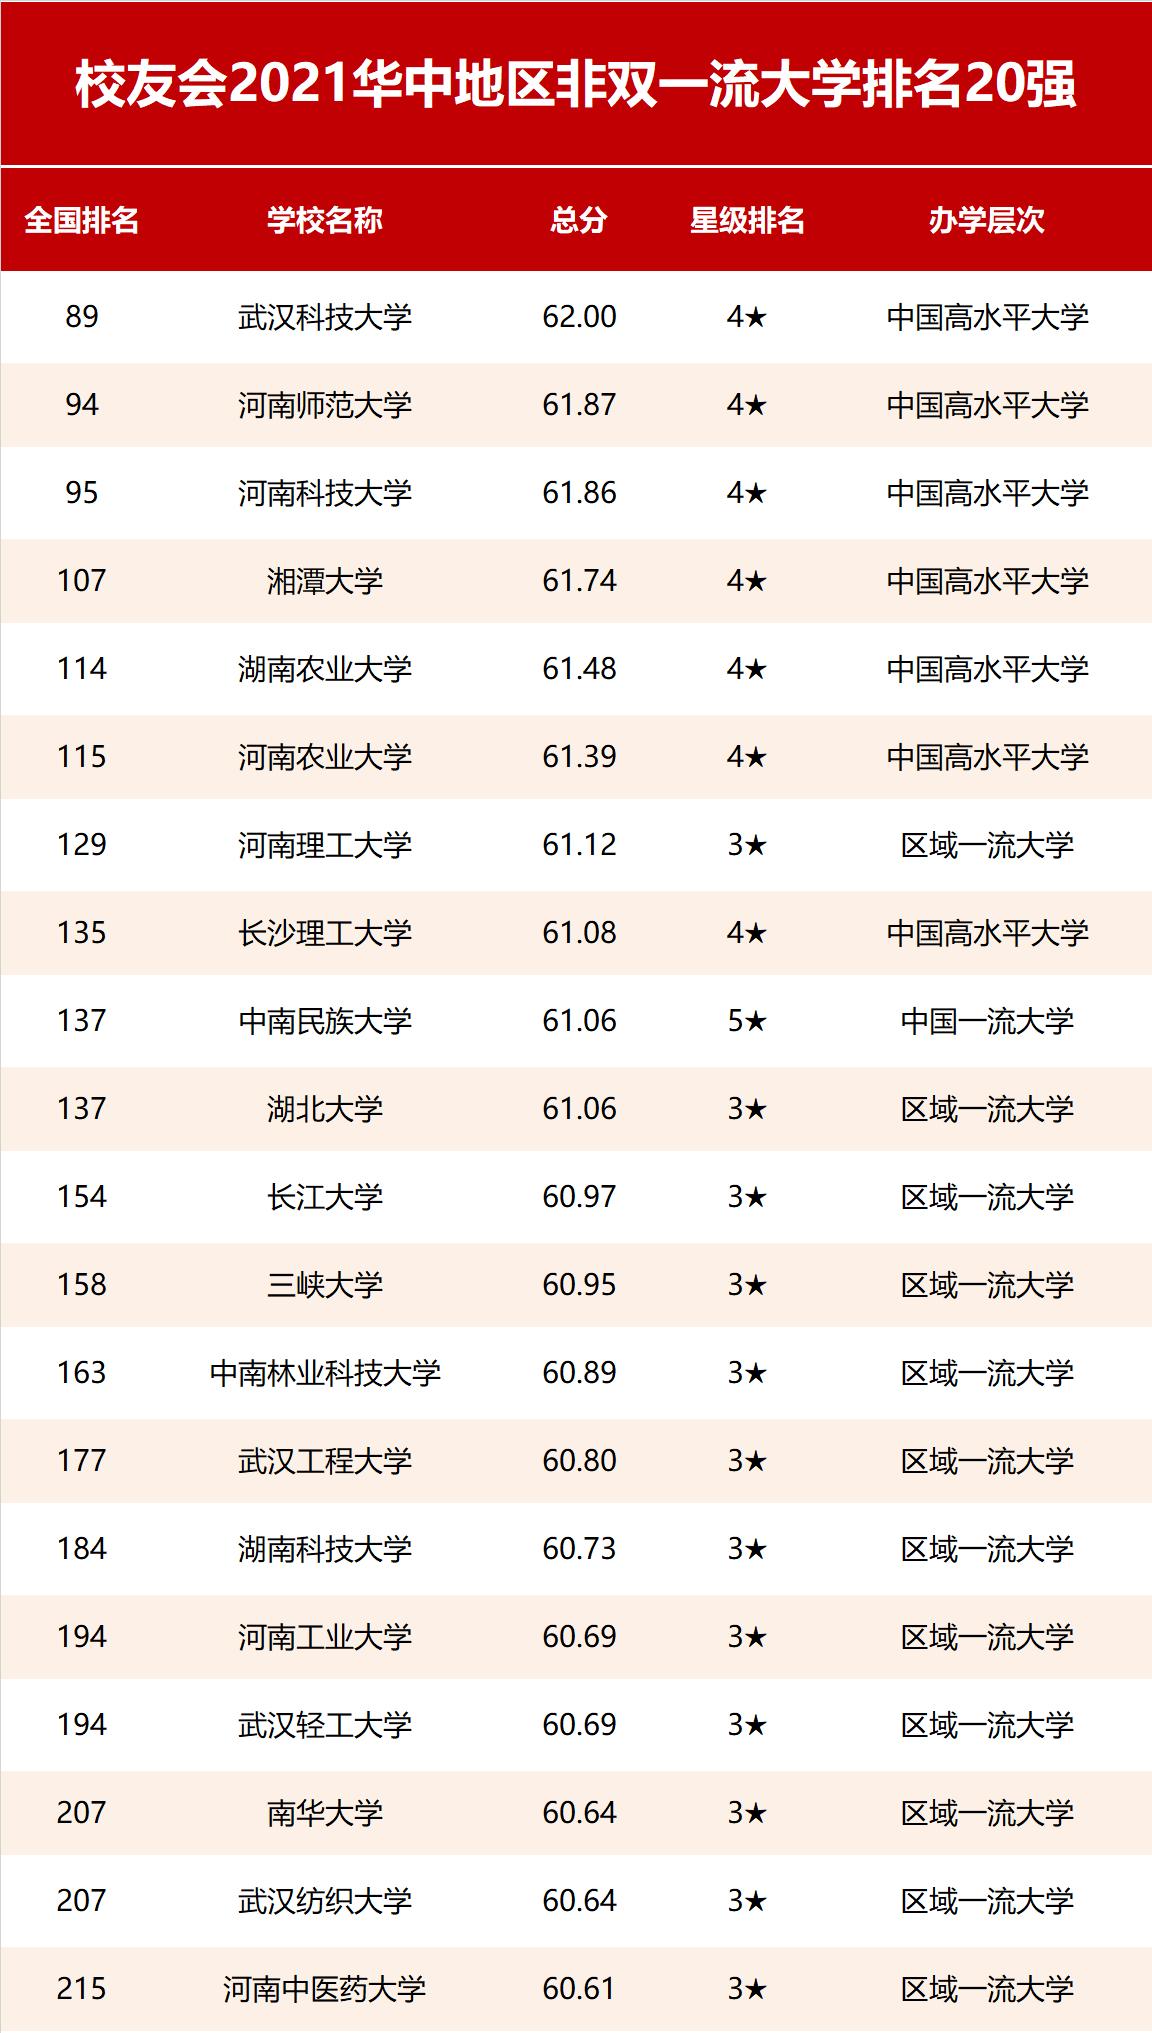 2021校友会华中地区非双一流大学排名,武汉科技大学第一